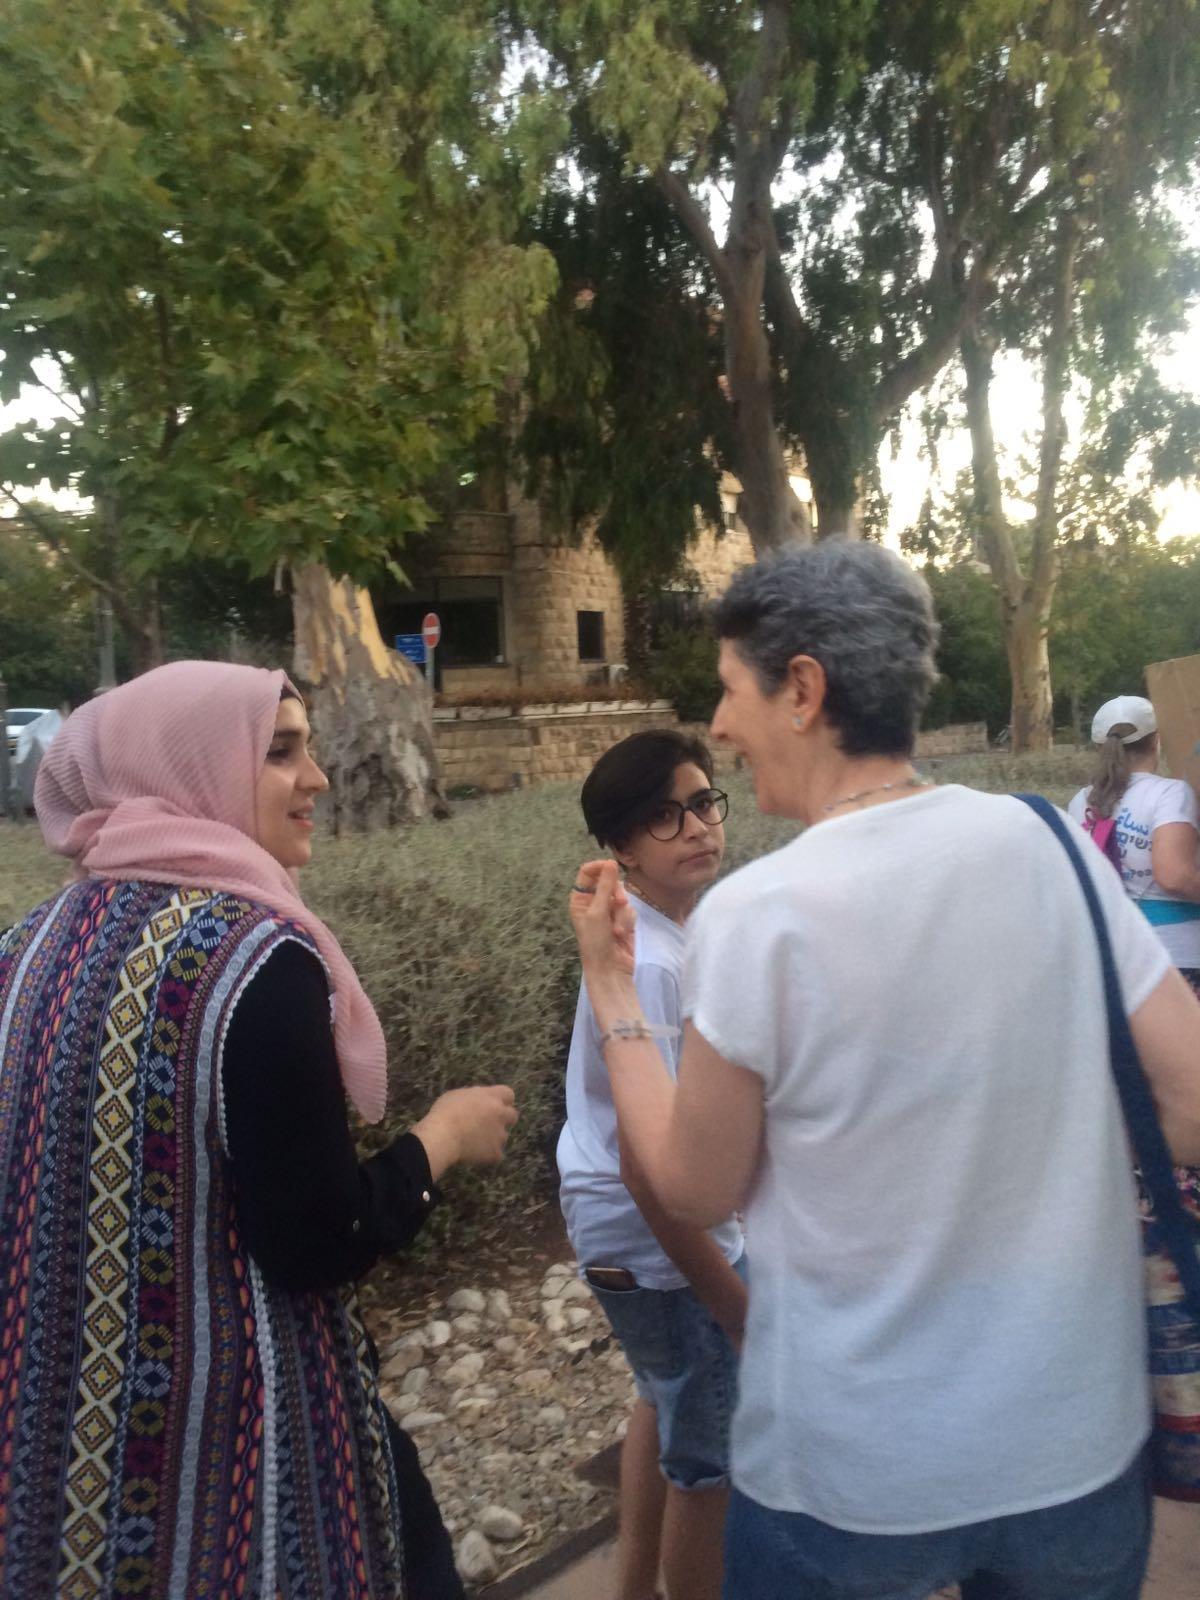 حركة نساء يصنعن السلام : نصلي من اجل وقف التصعيد وتدهور الاوضاع